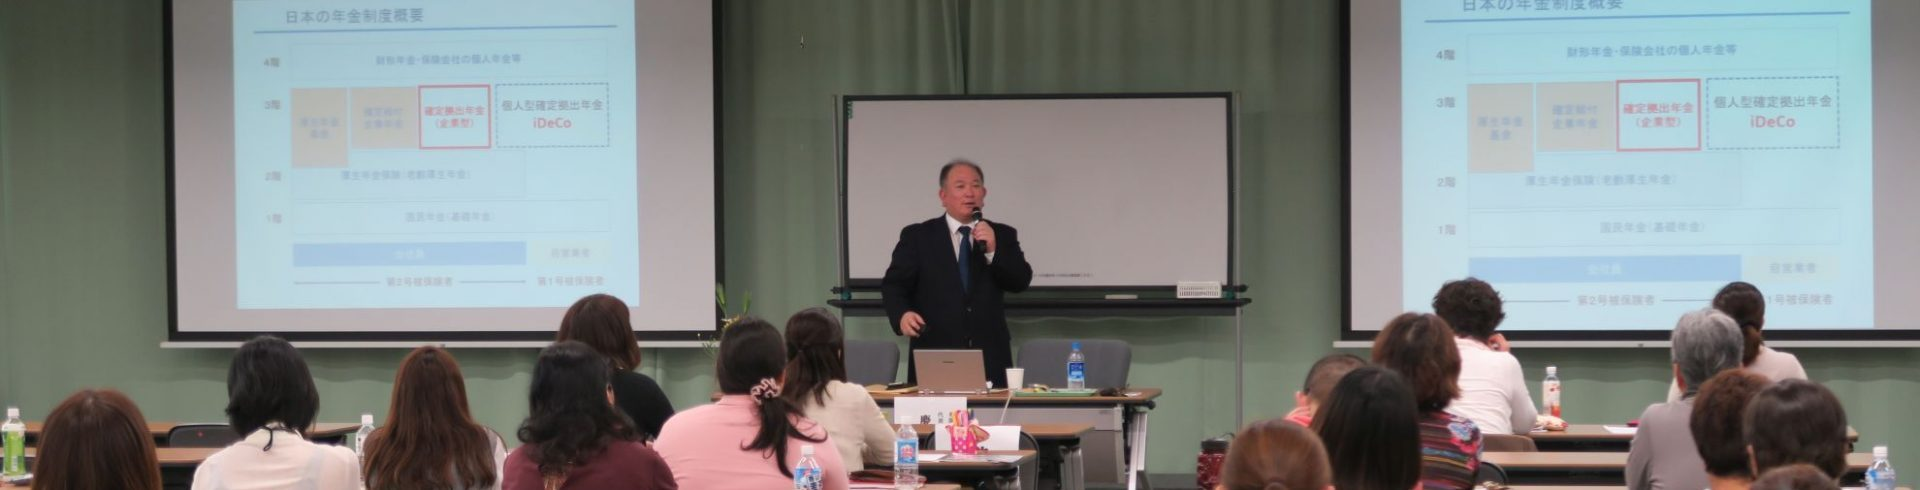 沖縄の保険 住宅ローン 教育資金 ライフプランをサポートするライブアップ